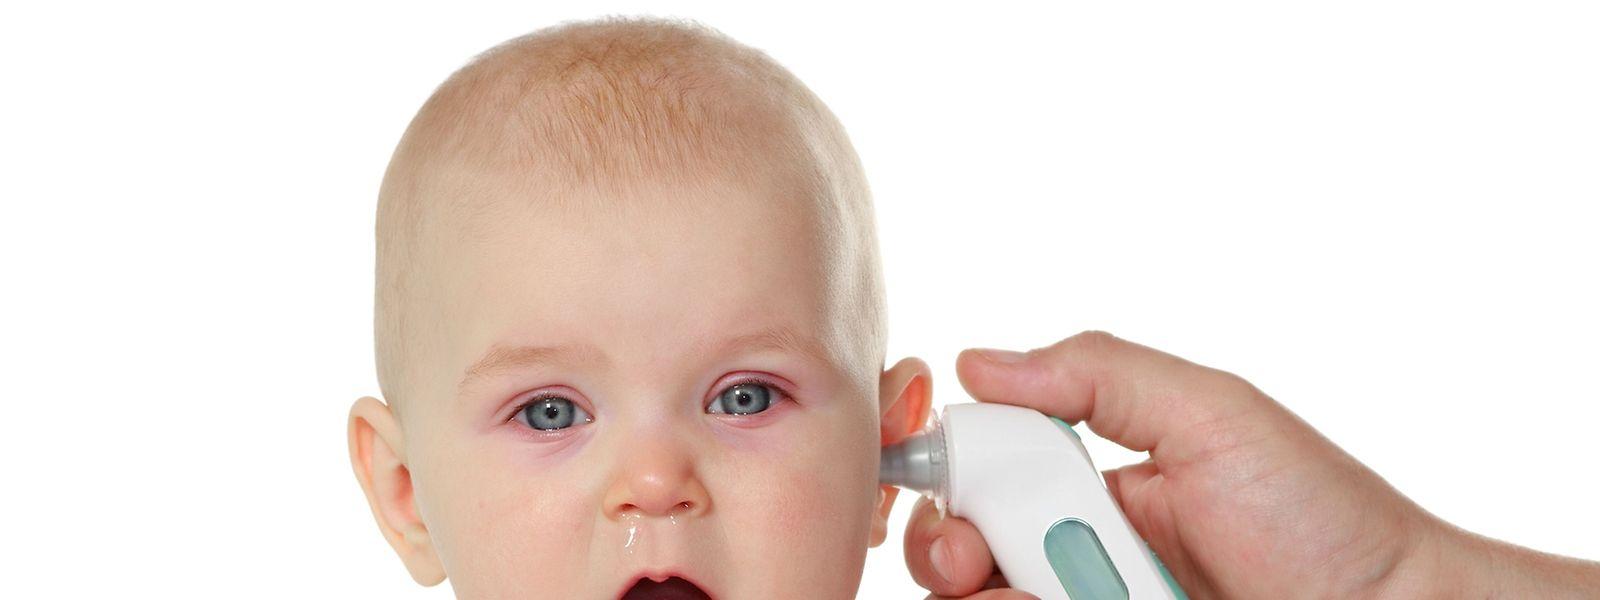 Fieber bei Kindern ist meist nichts Ernstes.